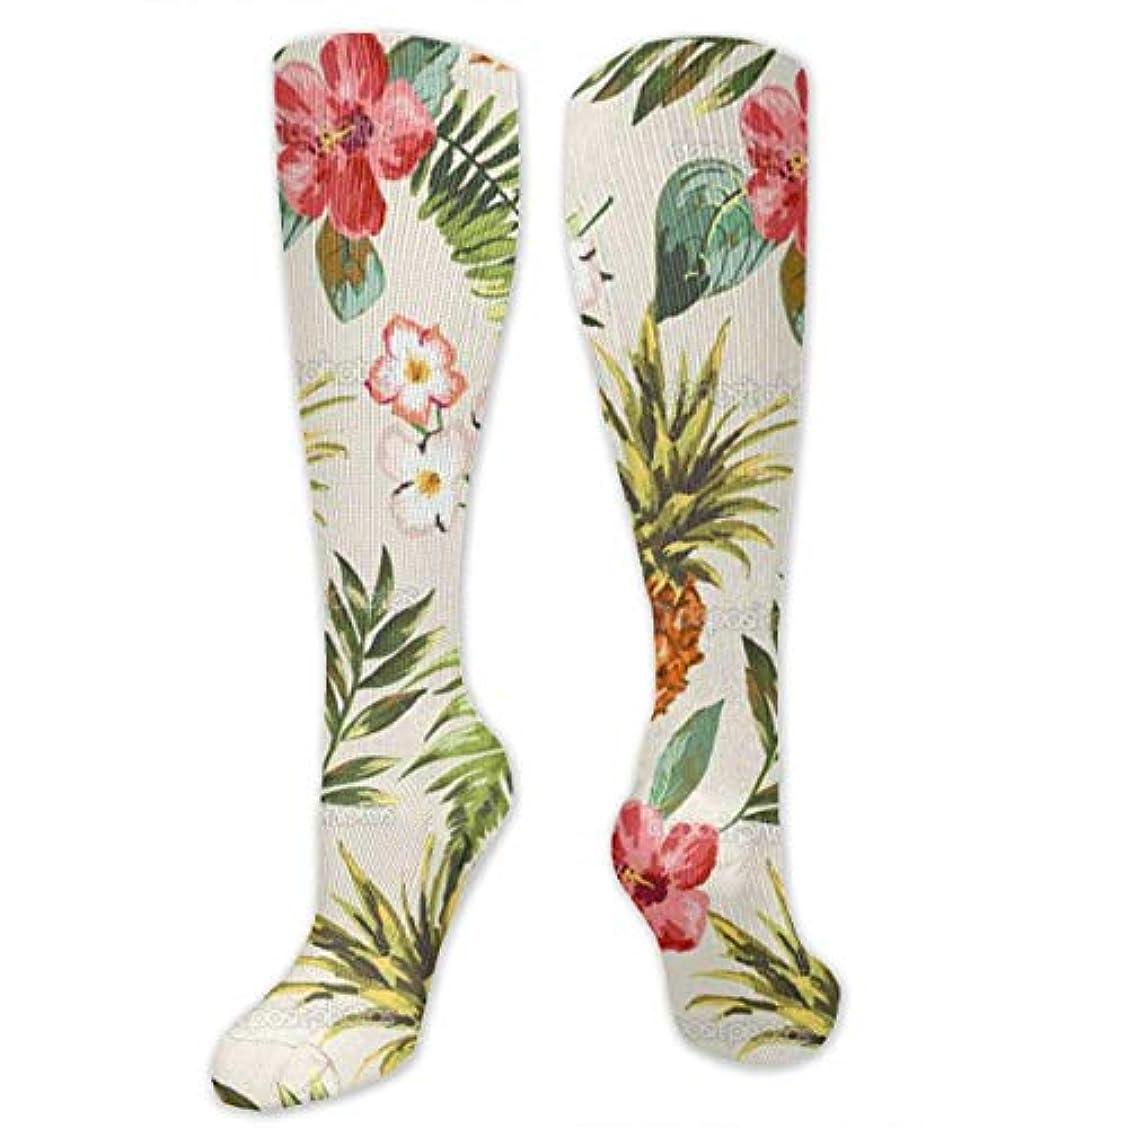 考えた心理的にオデュッセウス靴下,ストッキング,野生のジョーカー,実際,秋の本質,冬必須,サマーウェア&RBXAA Tropical Pineapple Flower Plant Socks Women's Winter Cotton Long Tube...